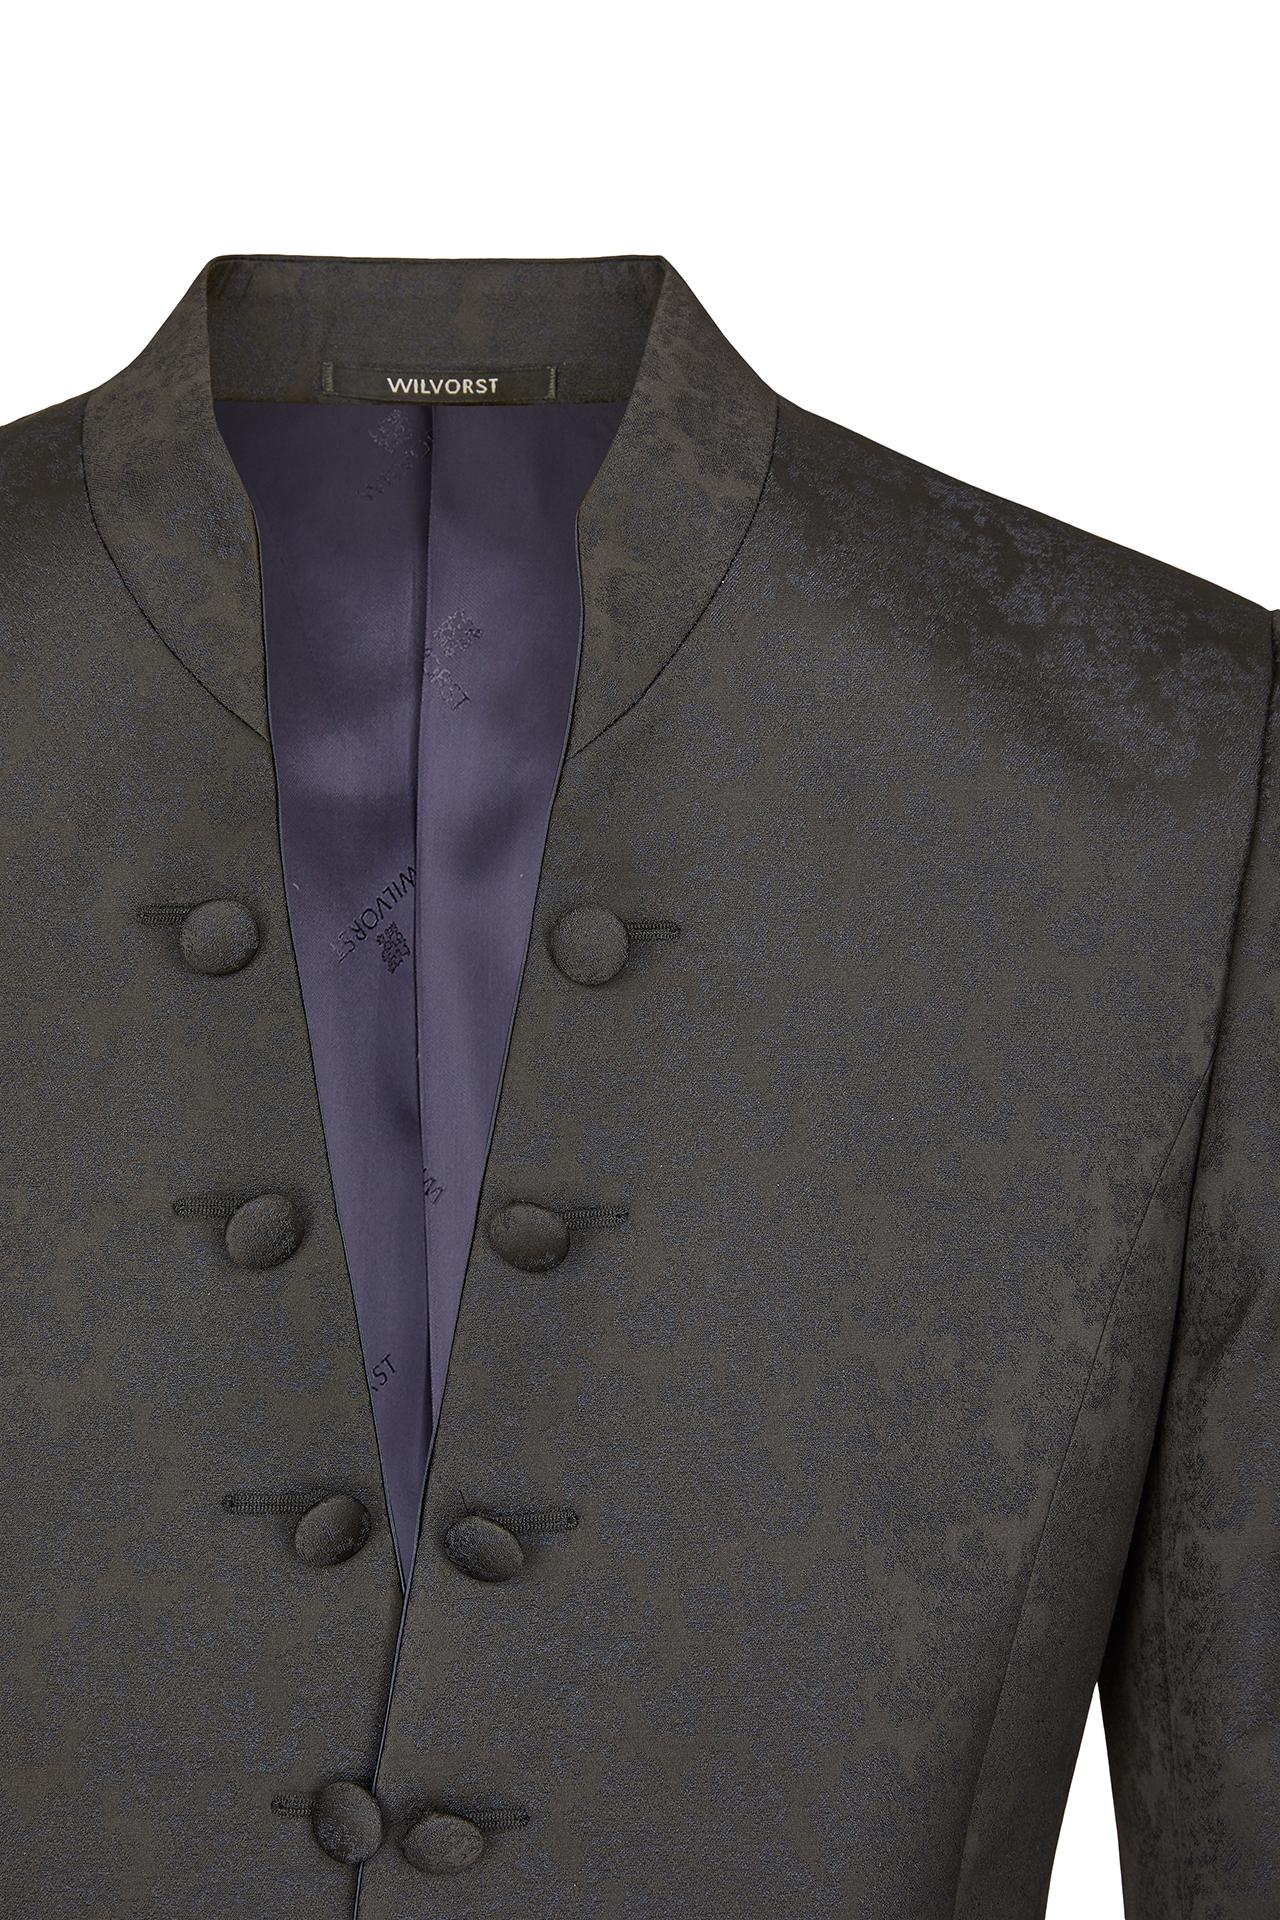 Wilvorst Herren Hochzeitsanzug Sakko dunkel blau Jacquard 491103 13719 030